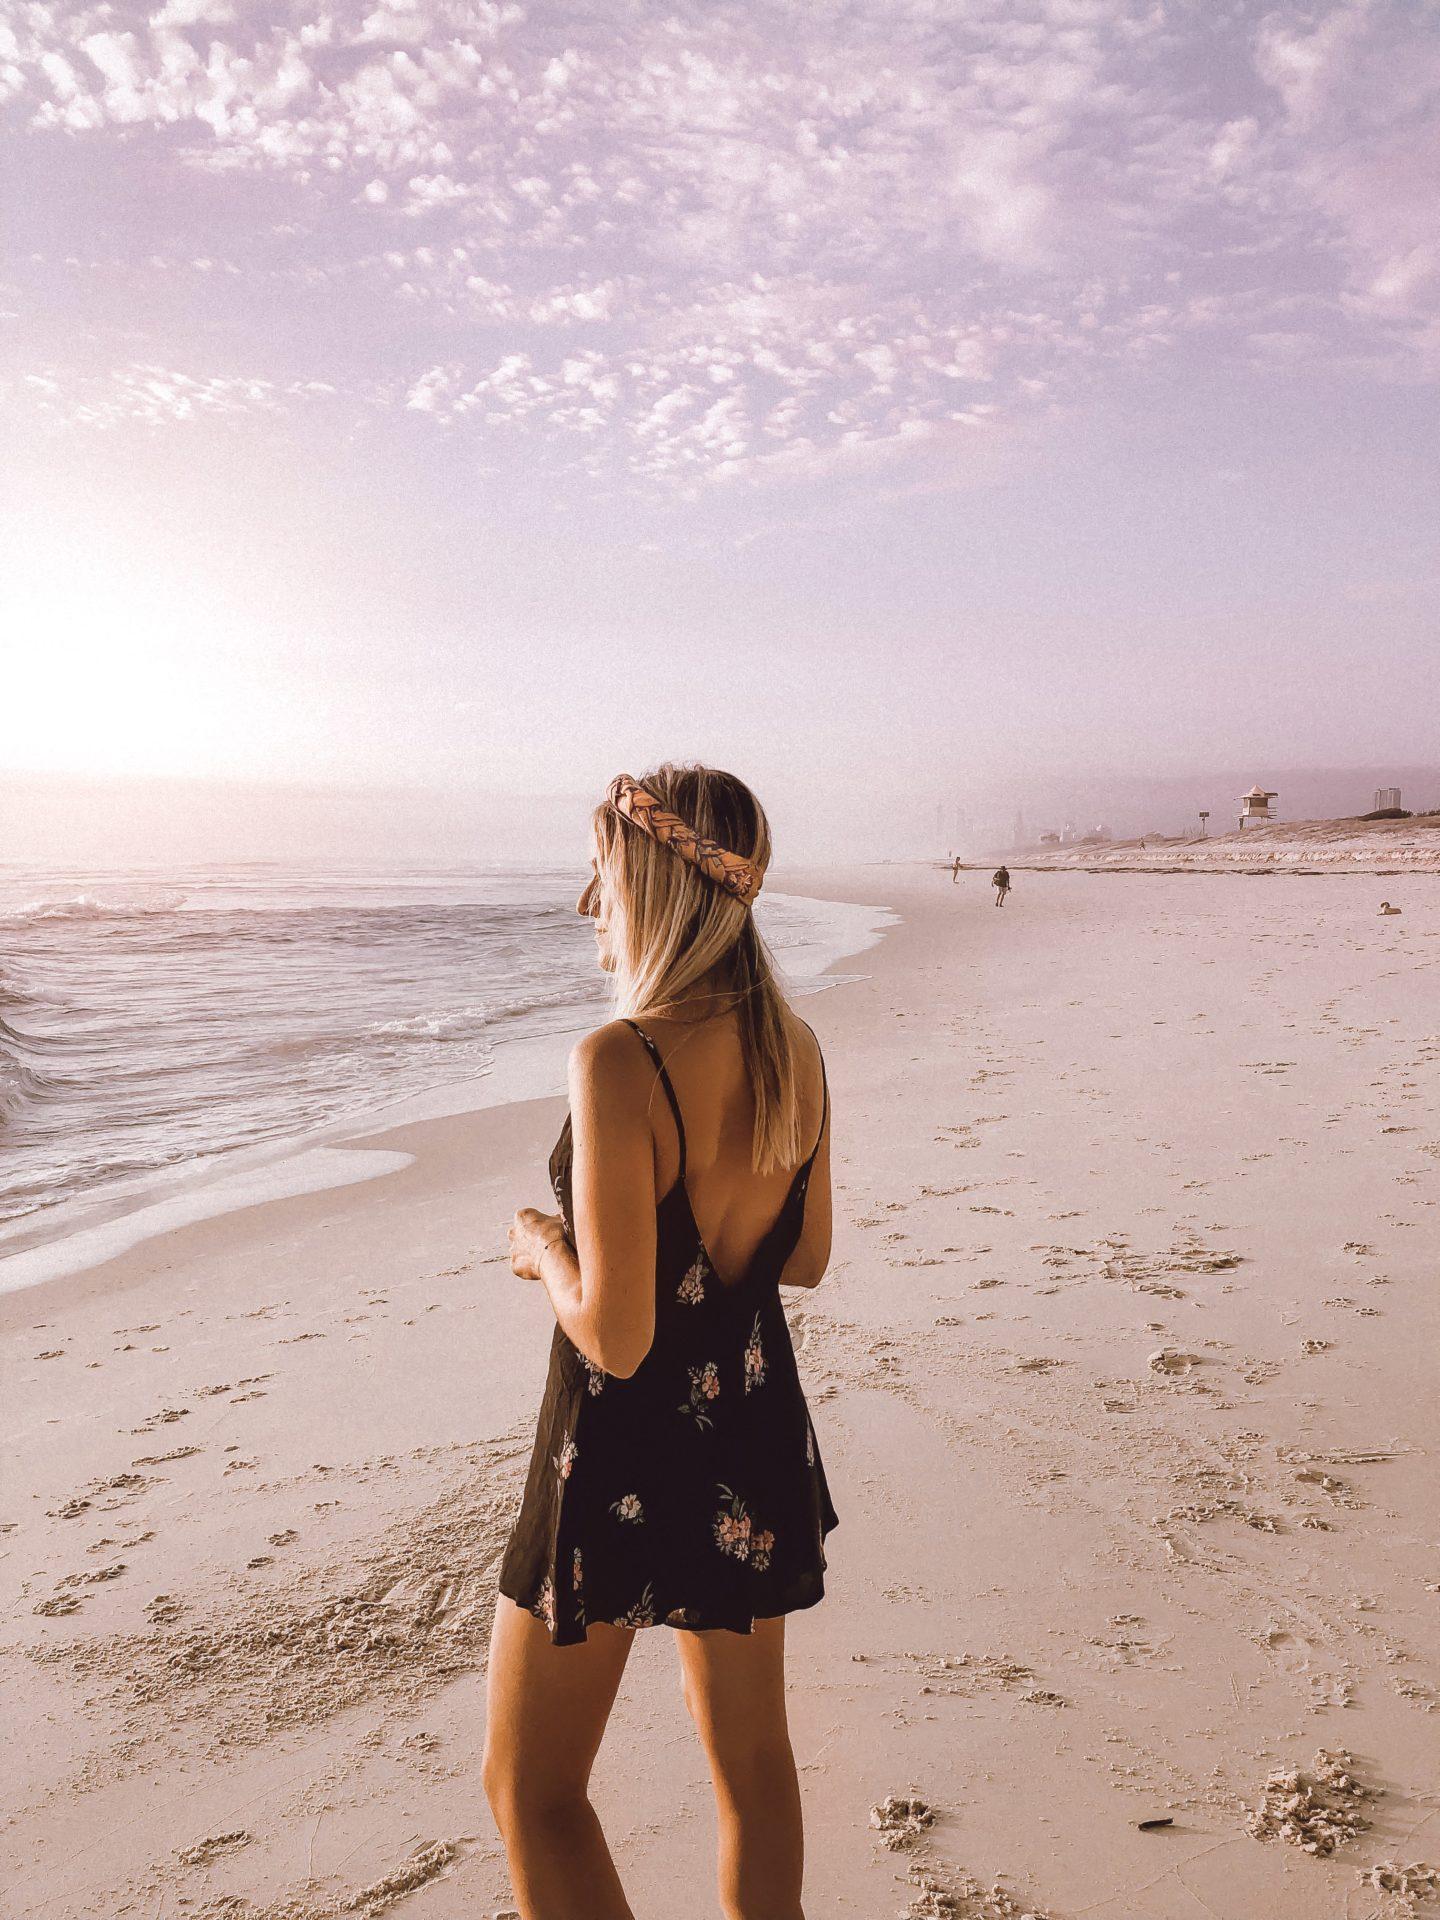 Gold Coast Australie - Blondie Baby blog mode et voyages